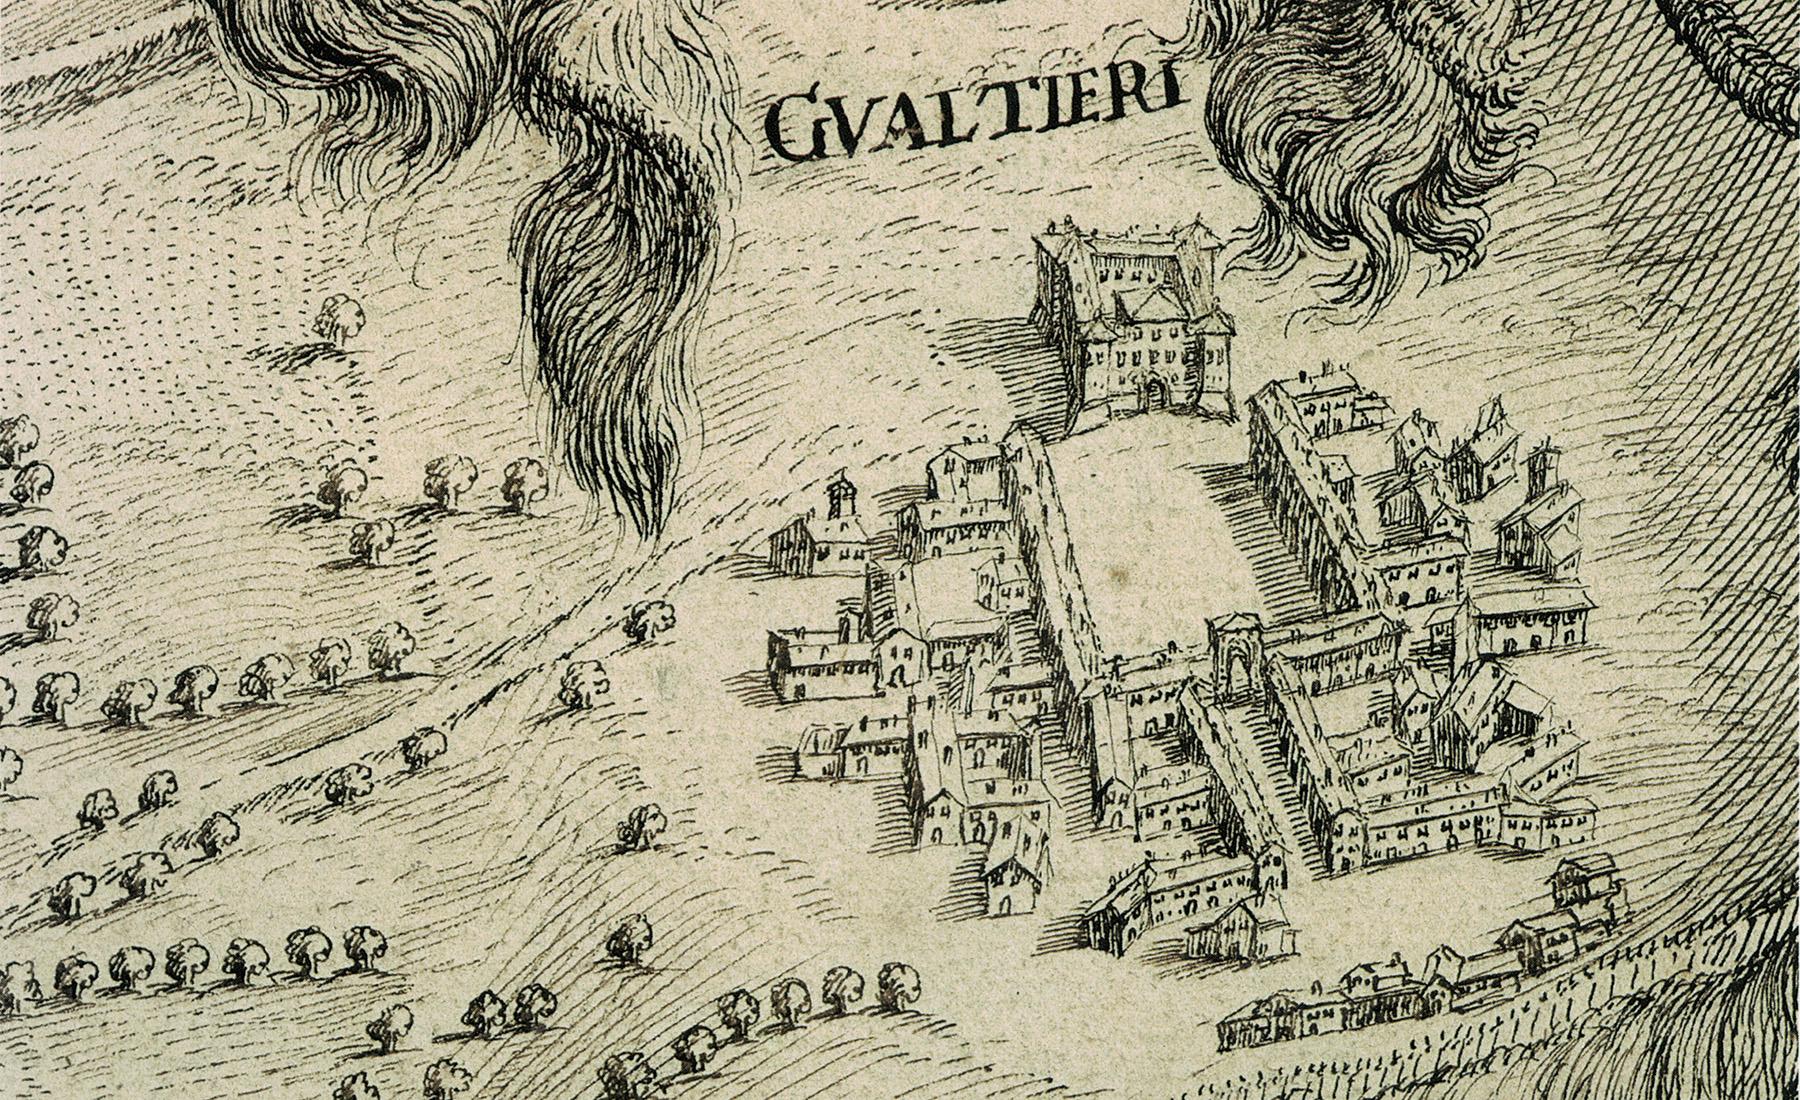 Teatro Sociale Gualtieri – Mappario Estense – Pianta topografica fiume Po – anno 1700 – particolare 1 – 1800×1100